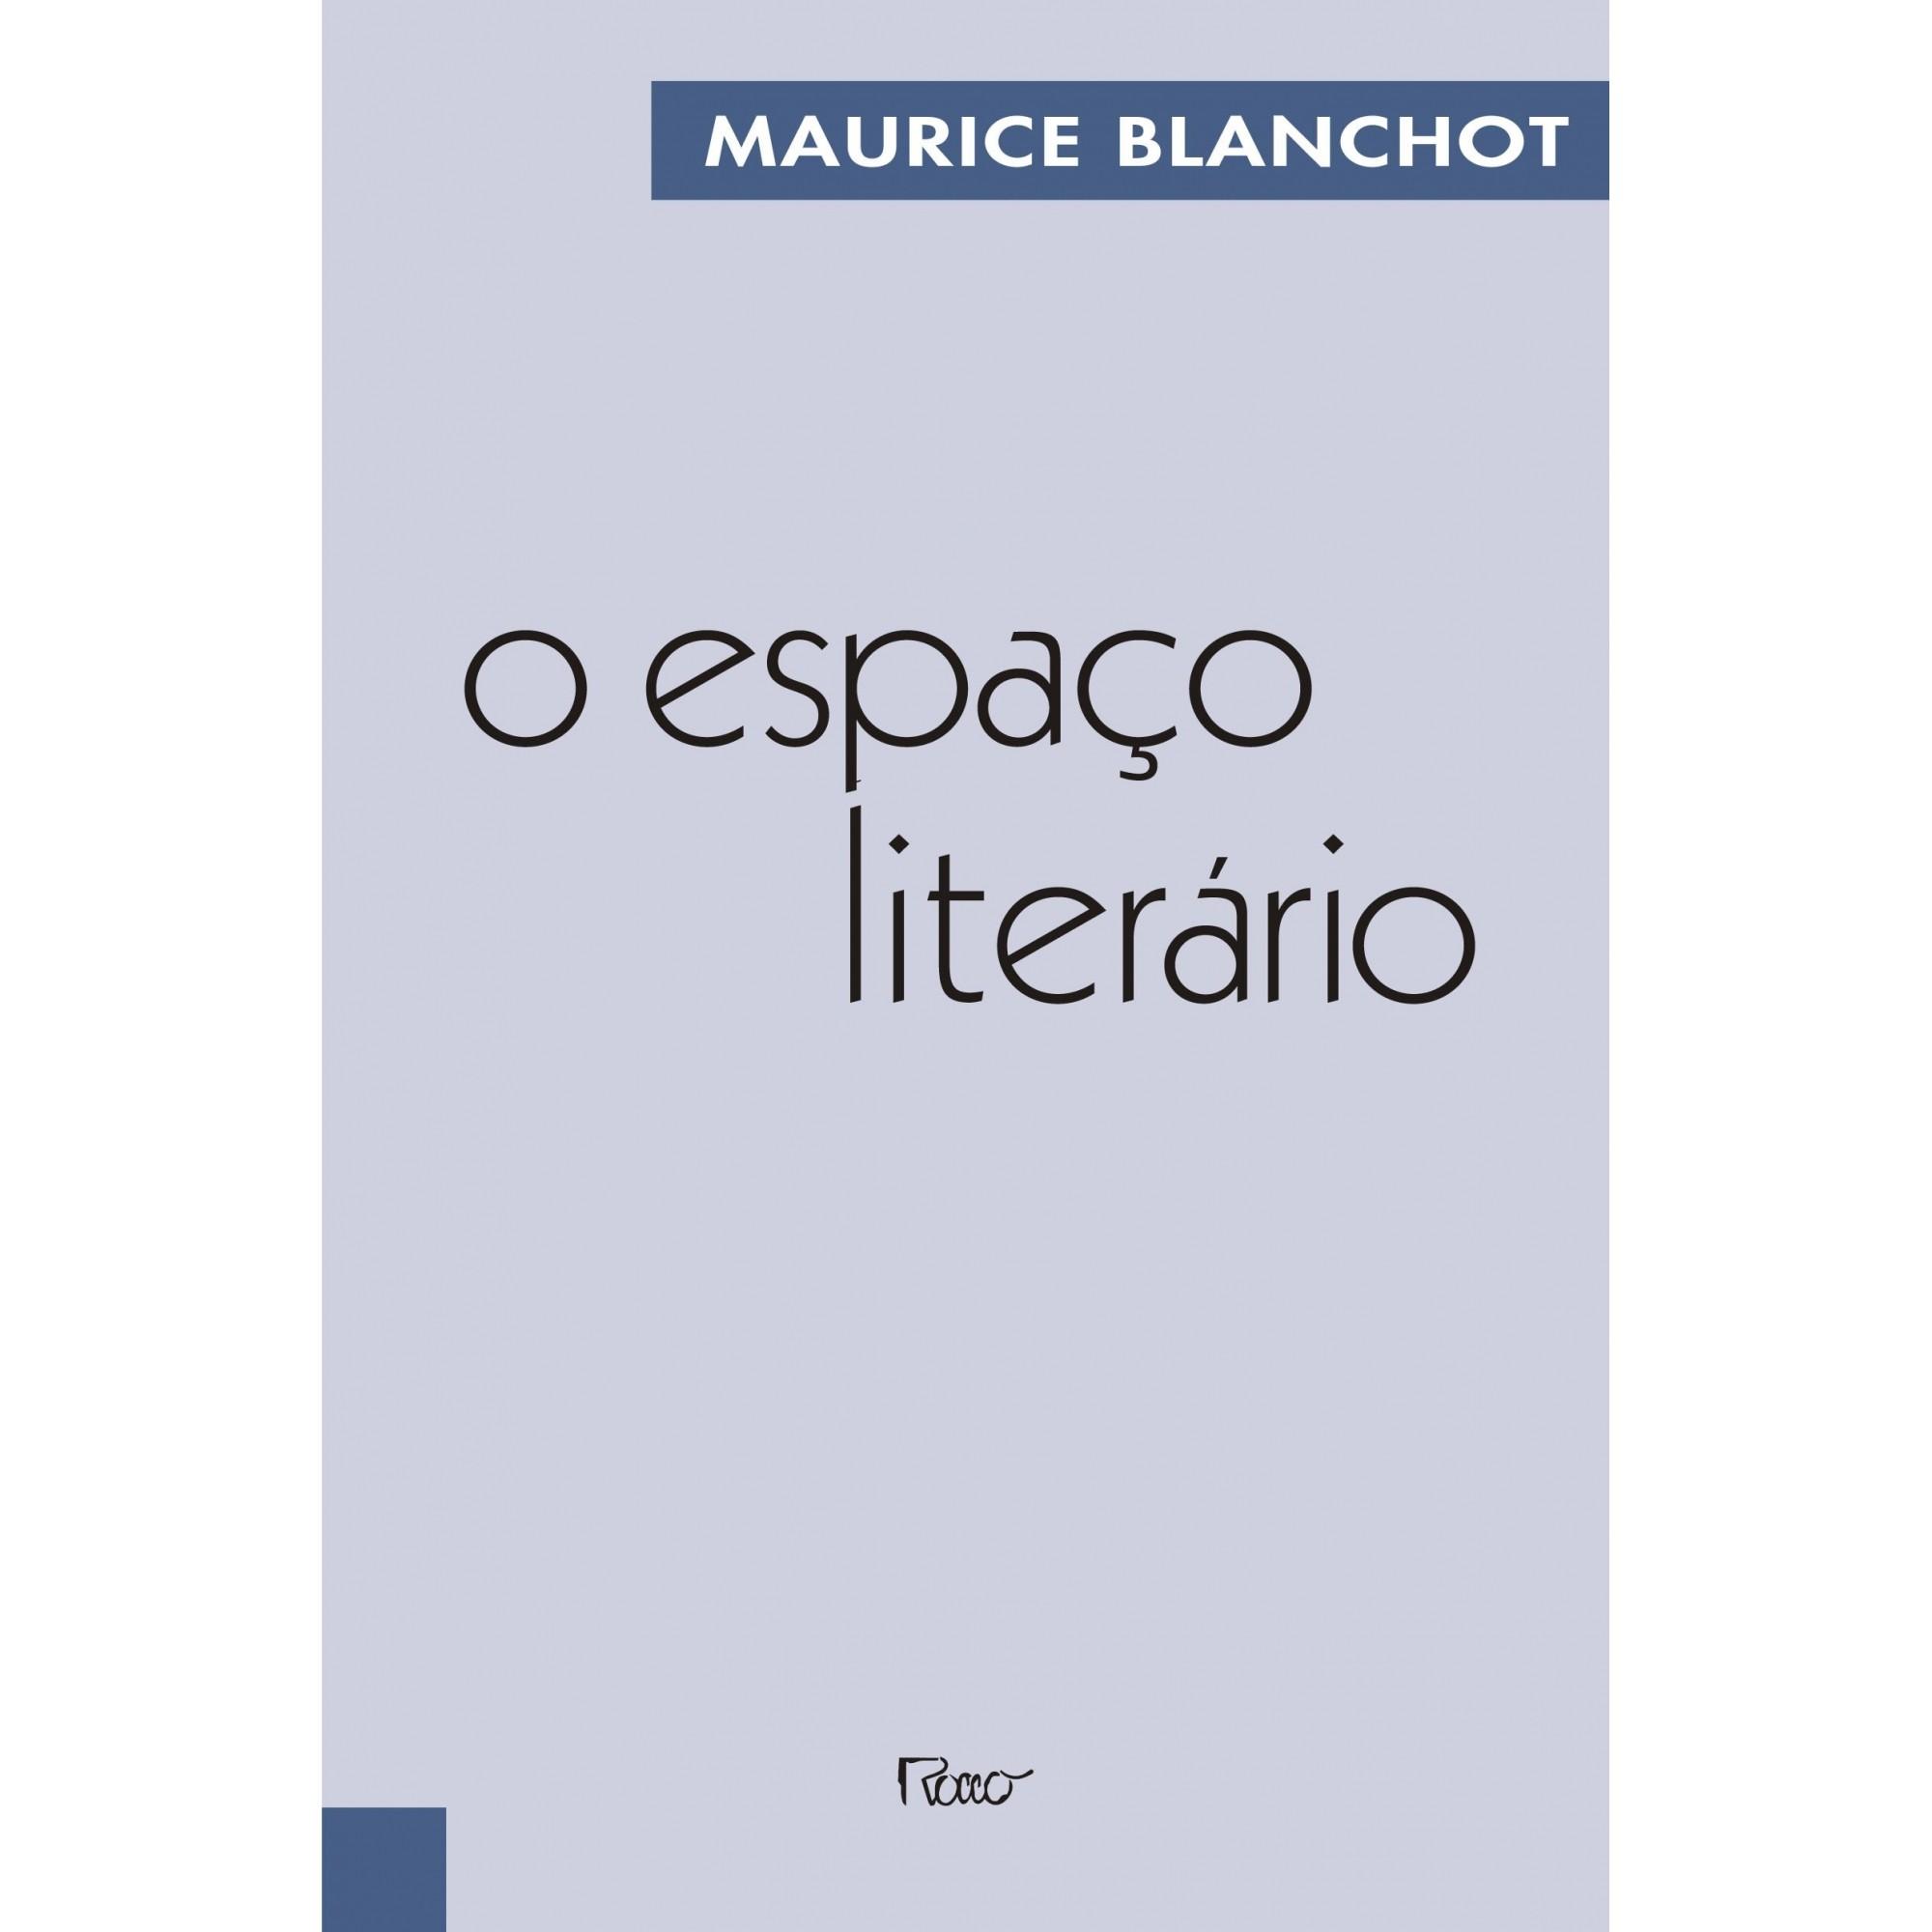 O Espaco Literario